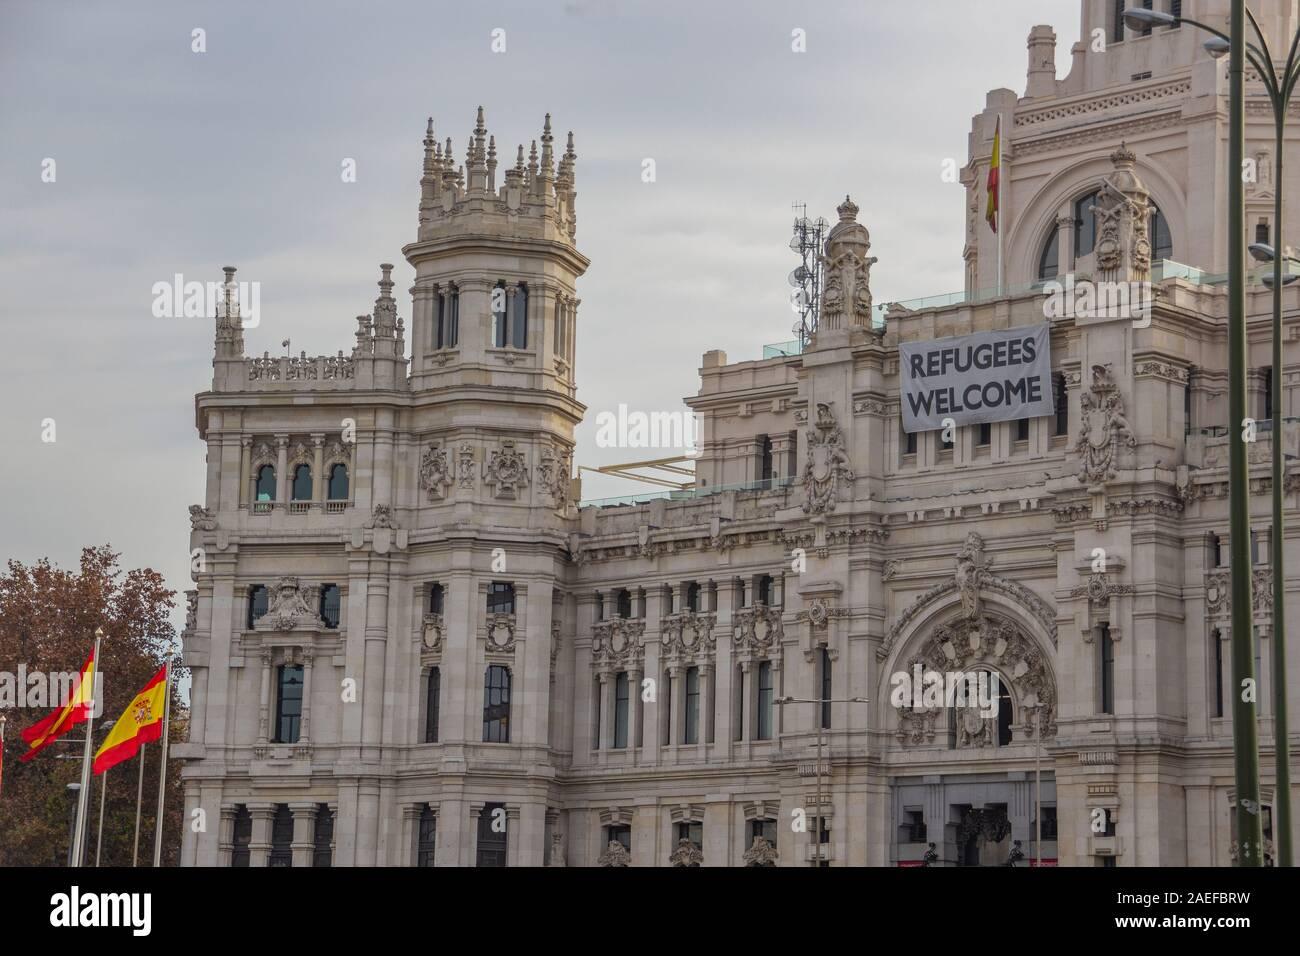 Refugees Welcome Message On Palacio De Cibeles Palacio De